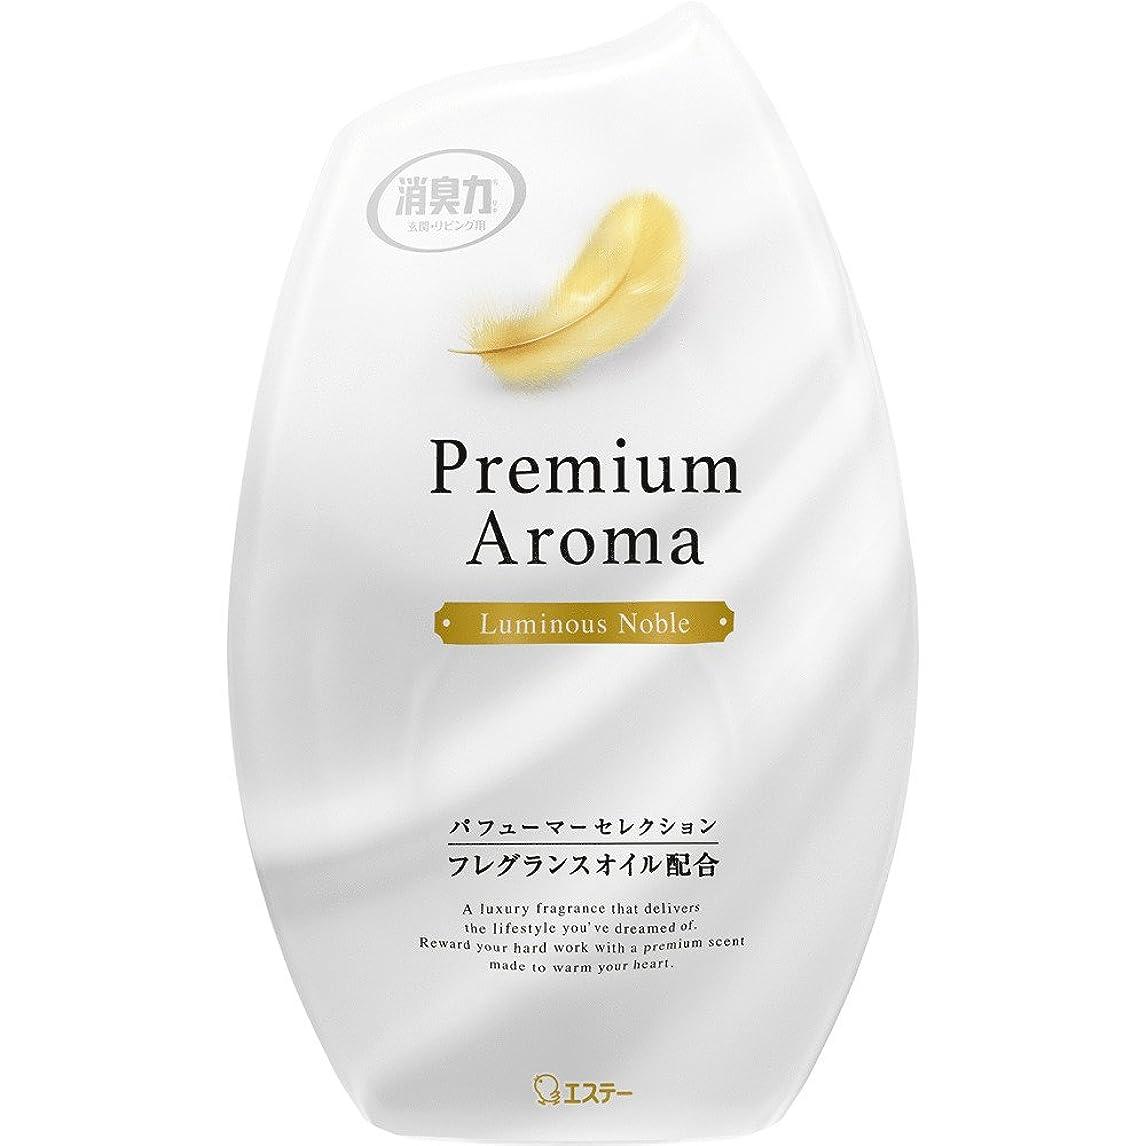 書き込み争う仮説お部屋の消臭力 プレミアムアロマ Premium Aroma 消臭芳香剤 部屋用 部屋 ルミナスノーブルの香り 400ml